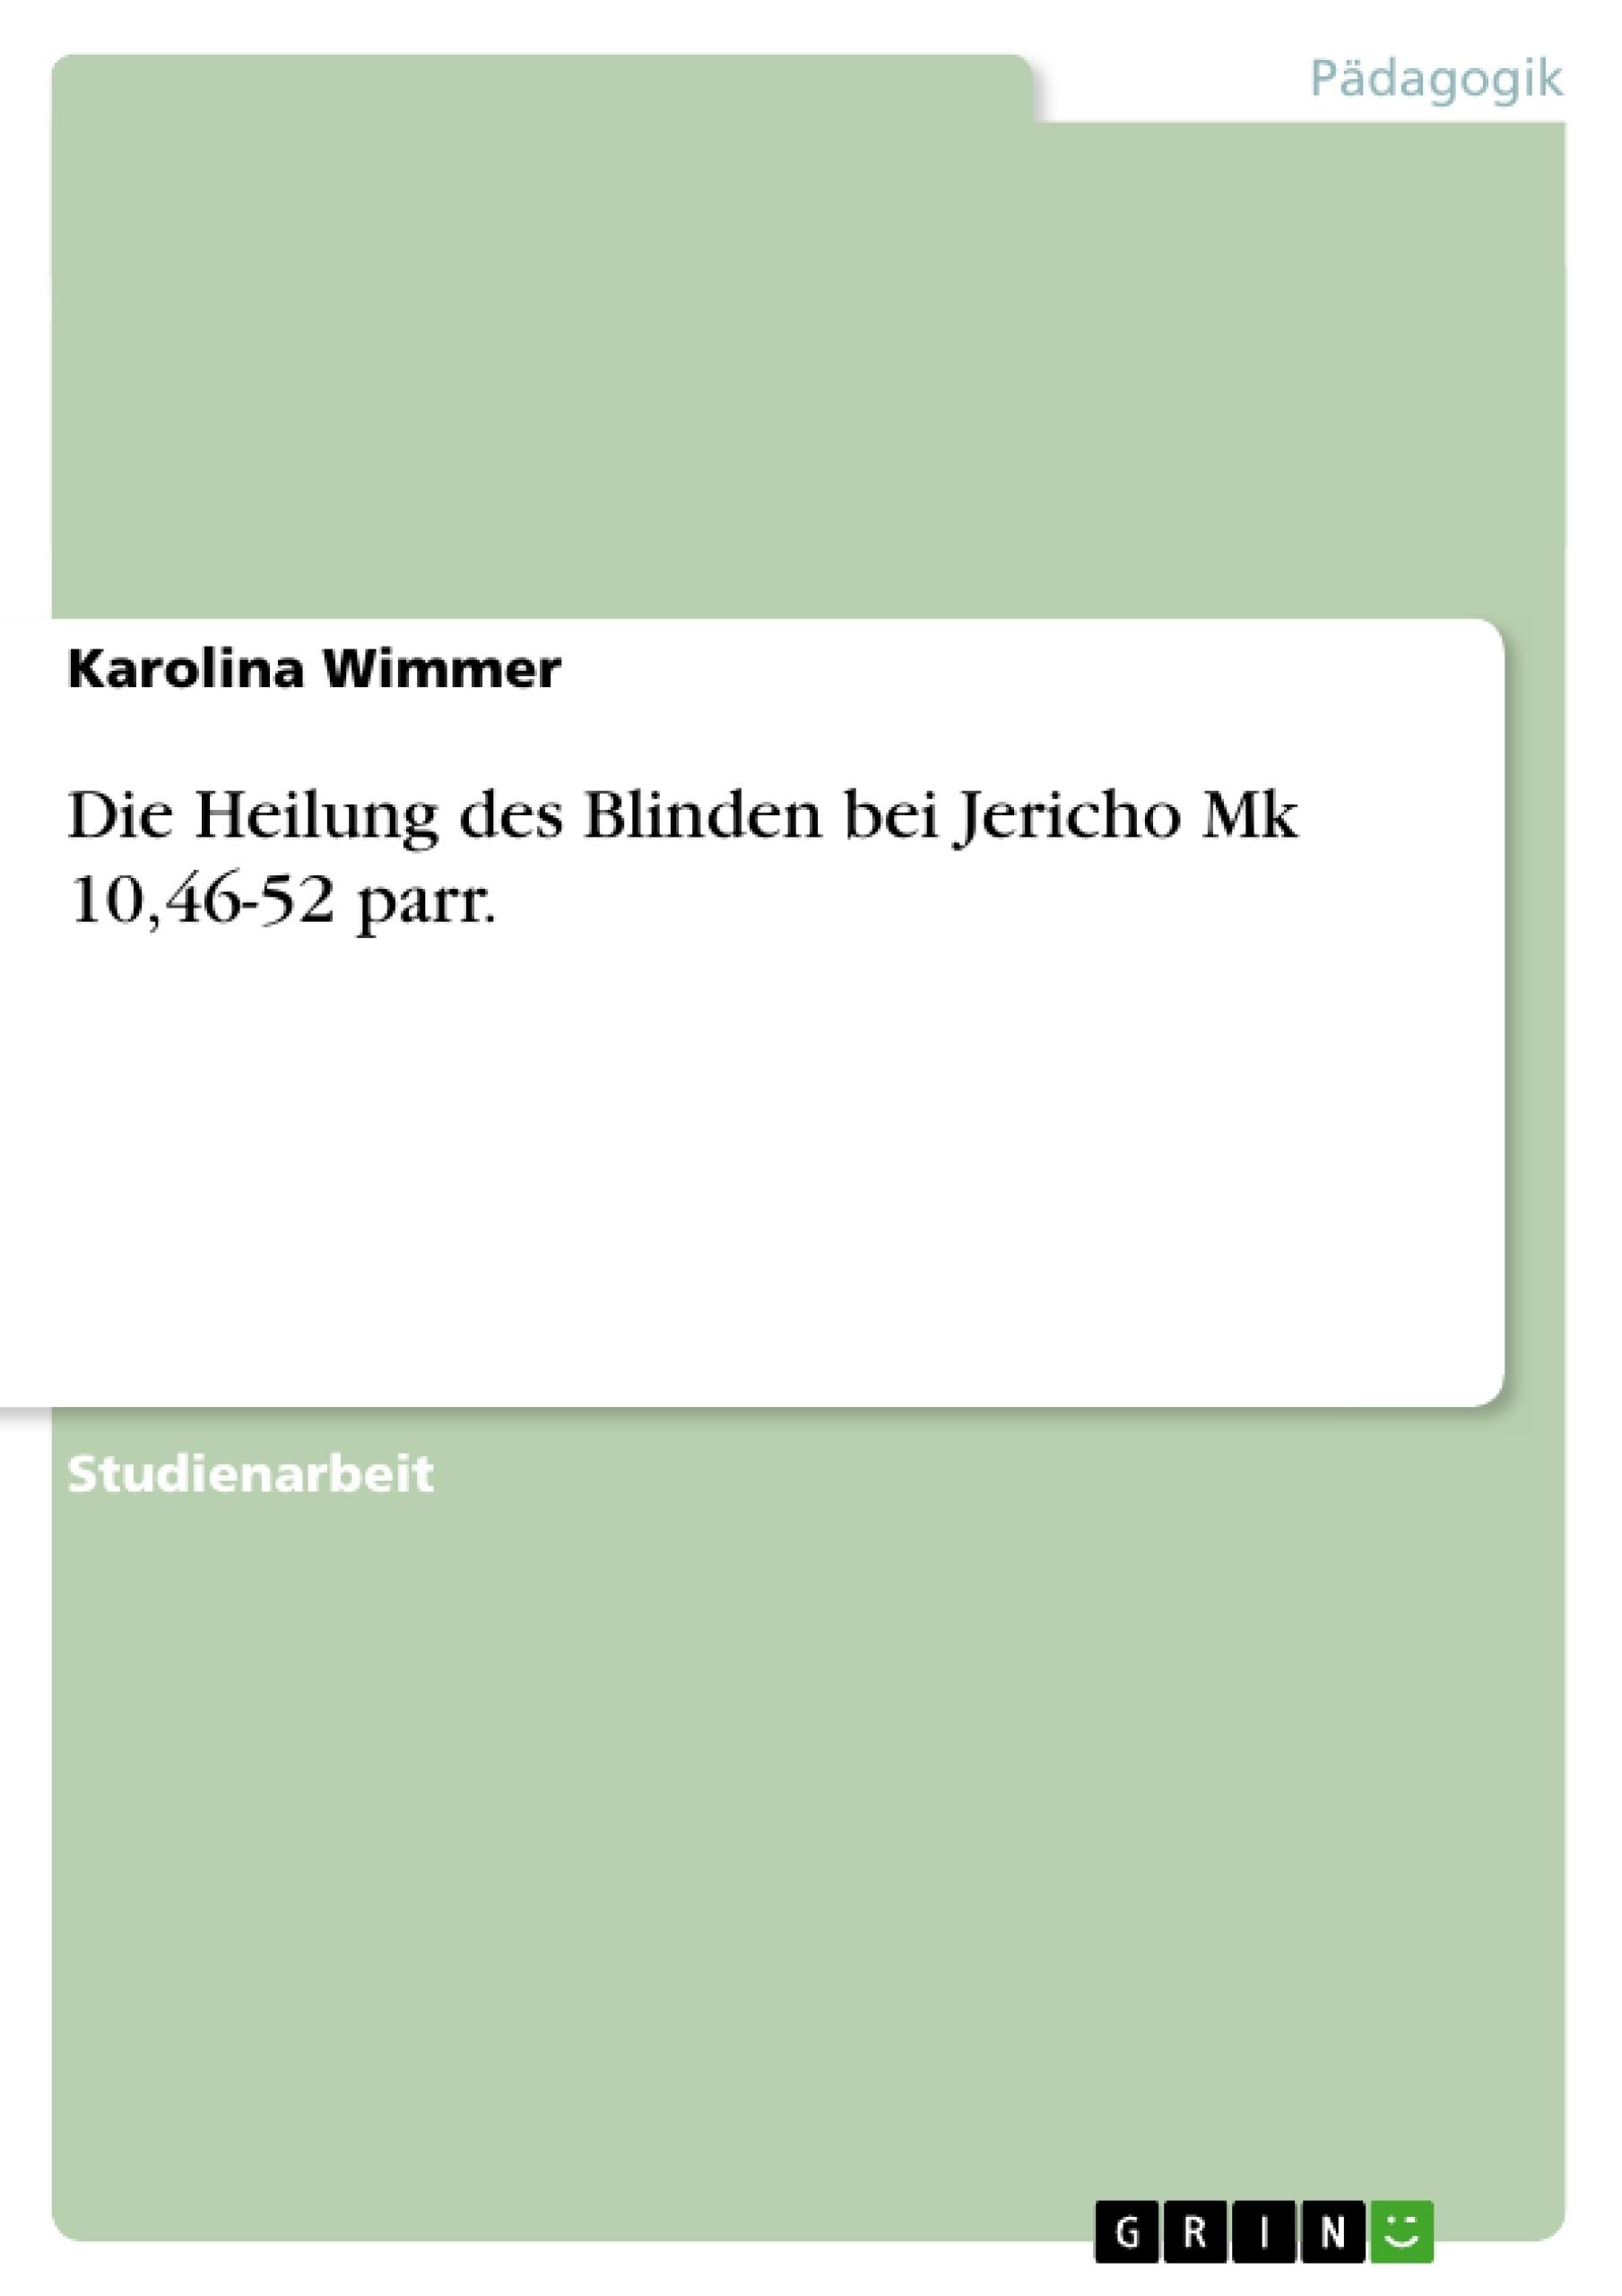 Titel: Die Heilung des Blinden bei Jericho Mk 10,46-52 parr.